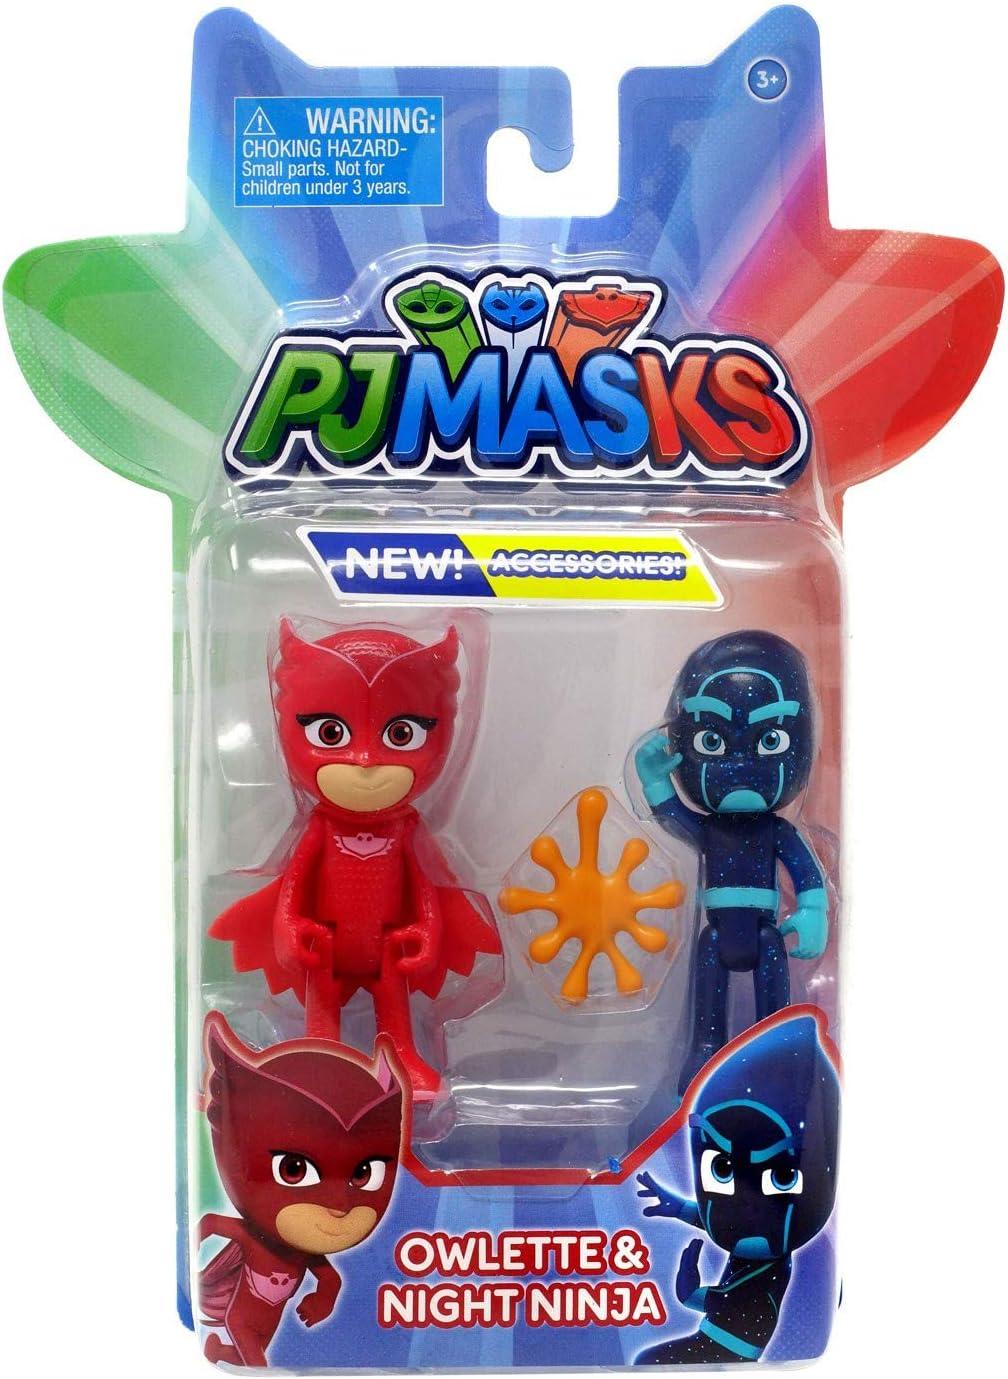 PJ Masks Figures - Owlette and Night Ninja